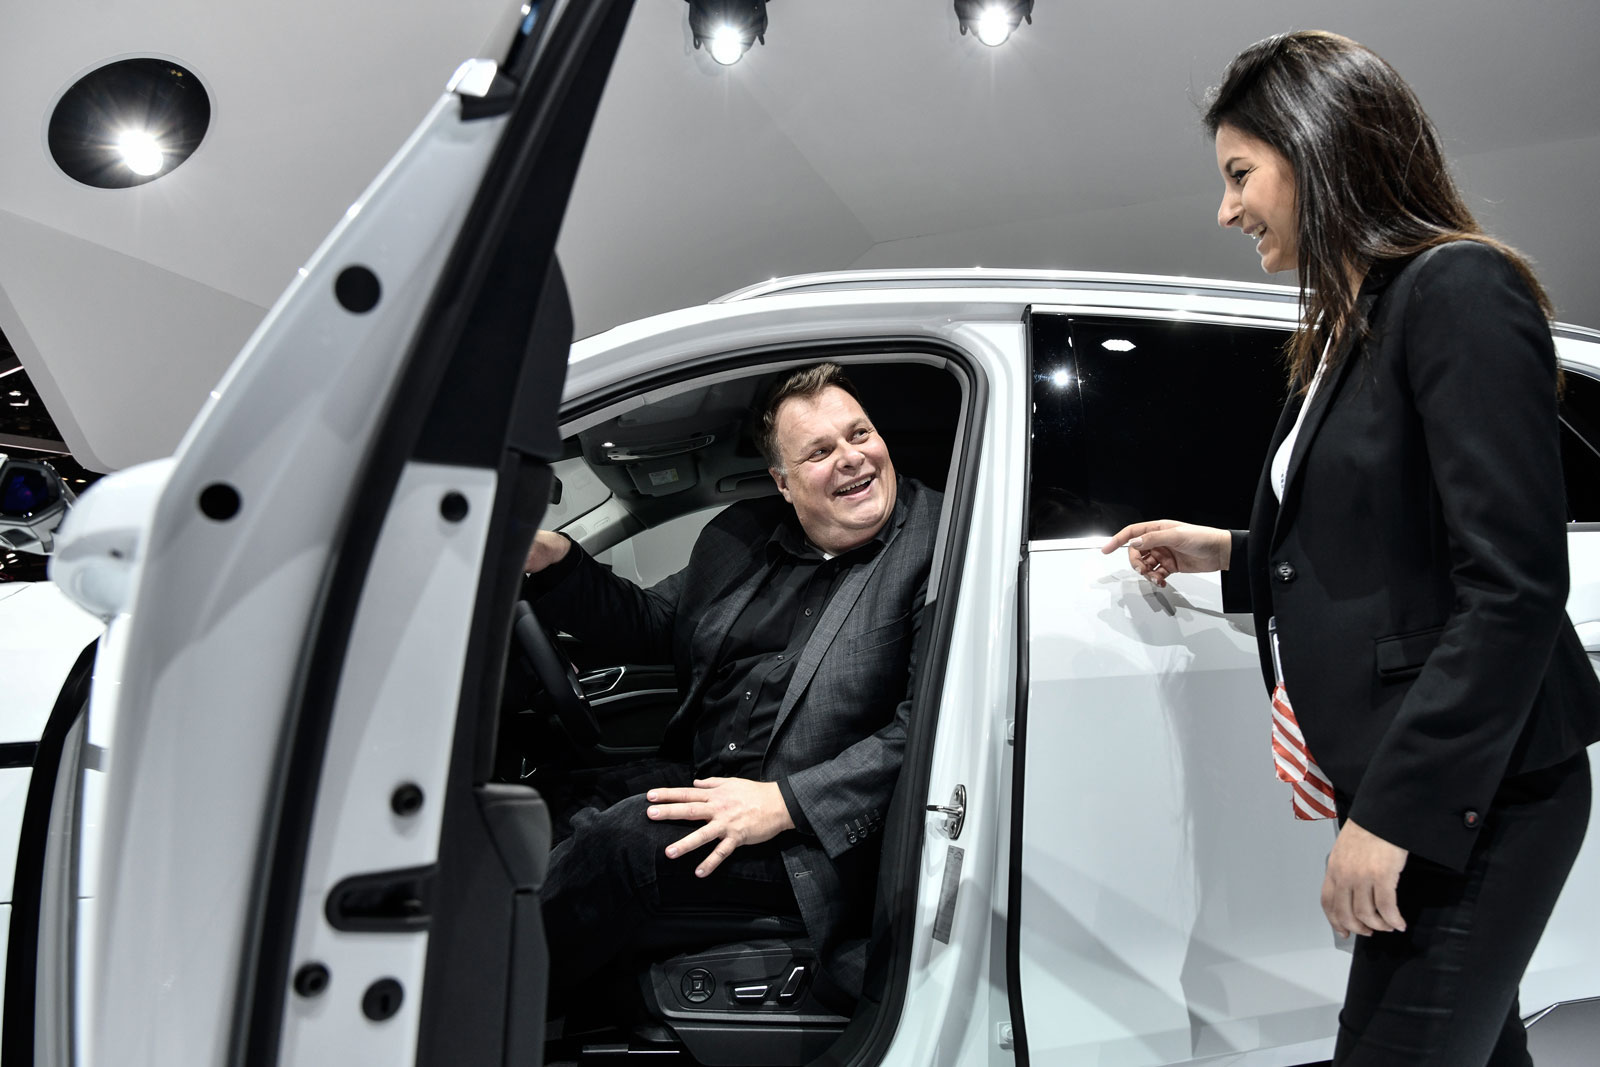 Lars Thomsen si immagina un futuro del trasporto «a basso costo, in sicurezza e rilassato».